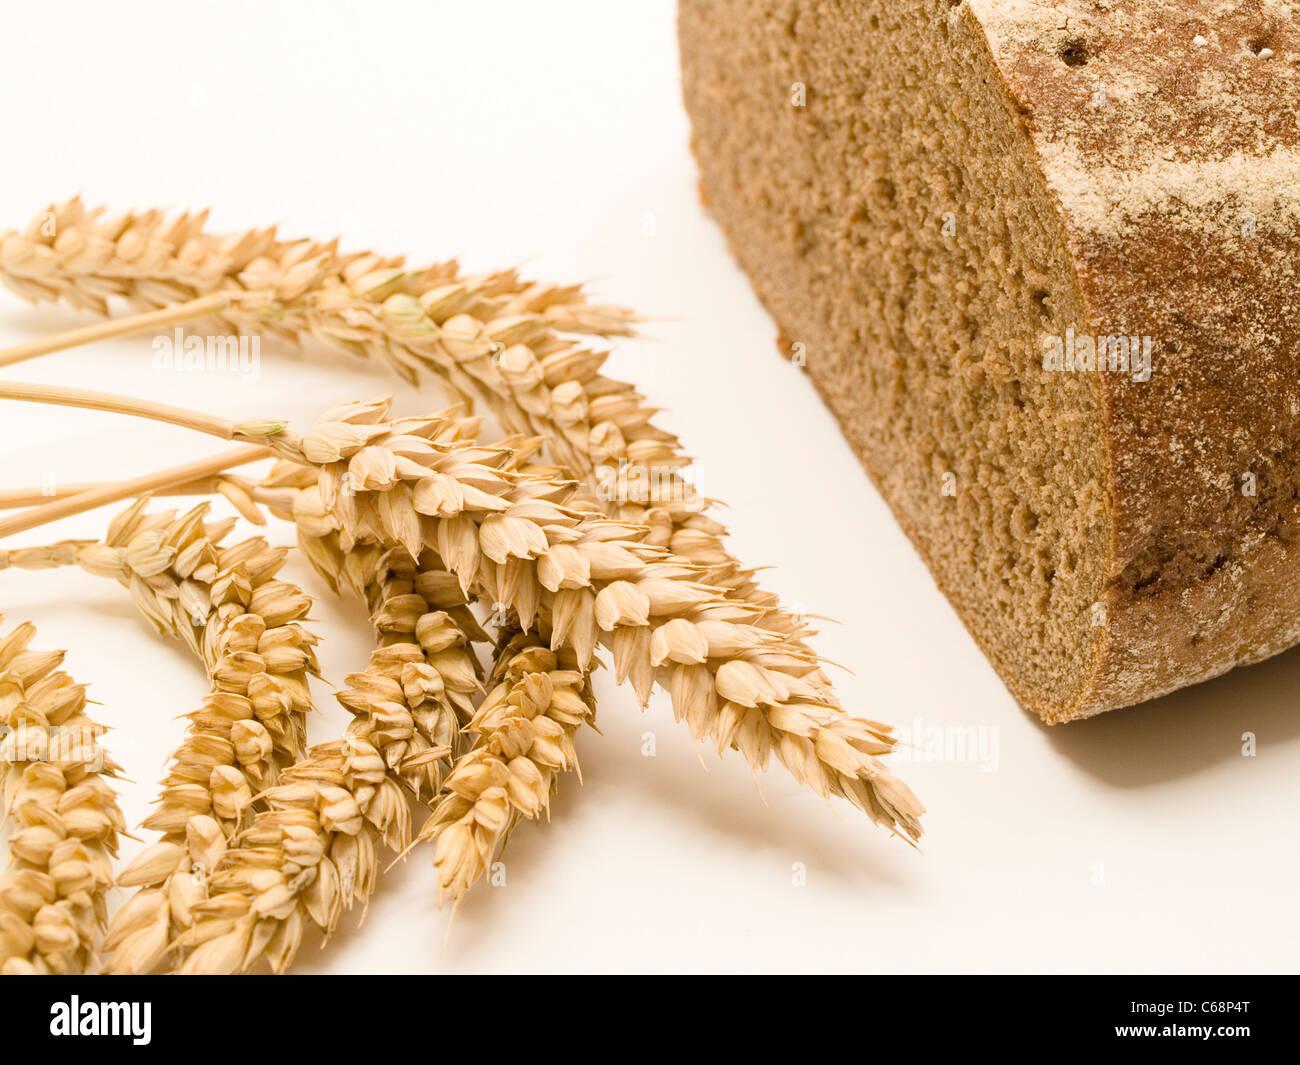 ein halbes Schwarzbrot, davor liegen Weizenähren | one halve Brown Bread, in front are wheat ears - Stock Image